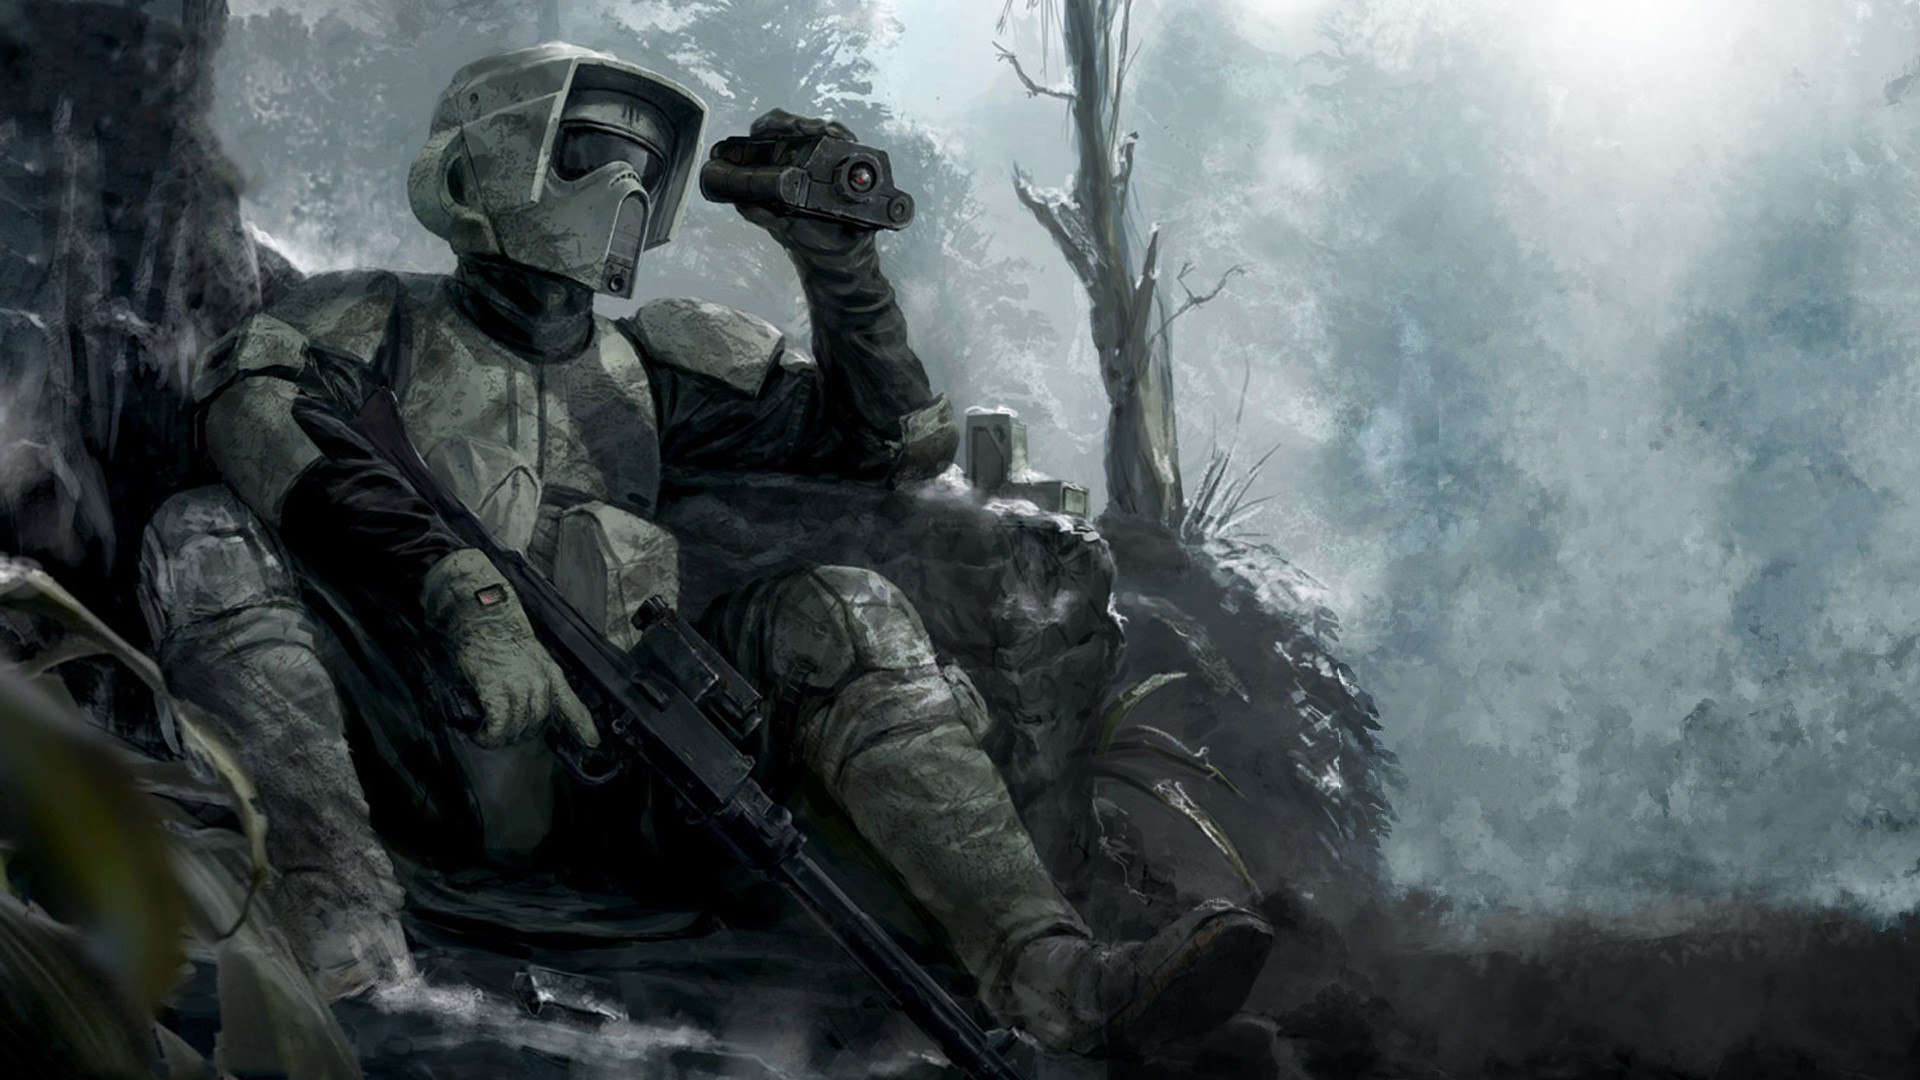 Scout trooper – Star Wars wallpaper – 1024096